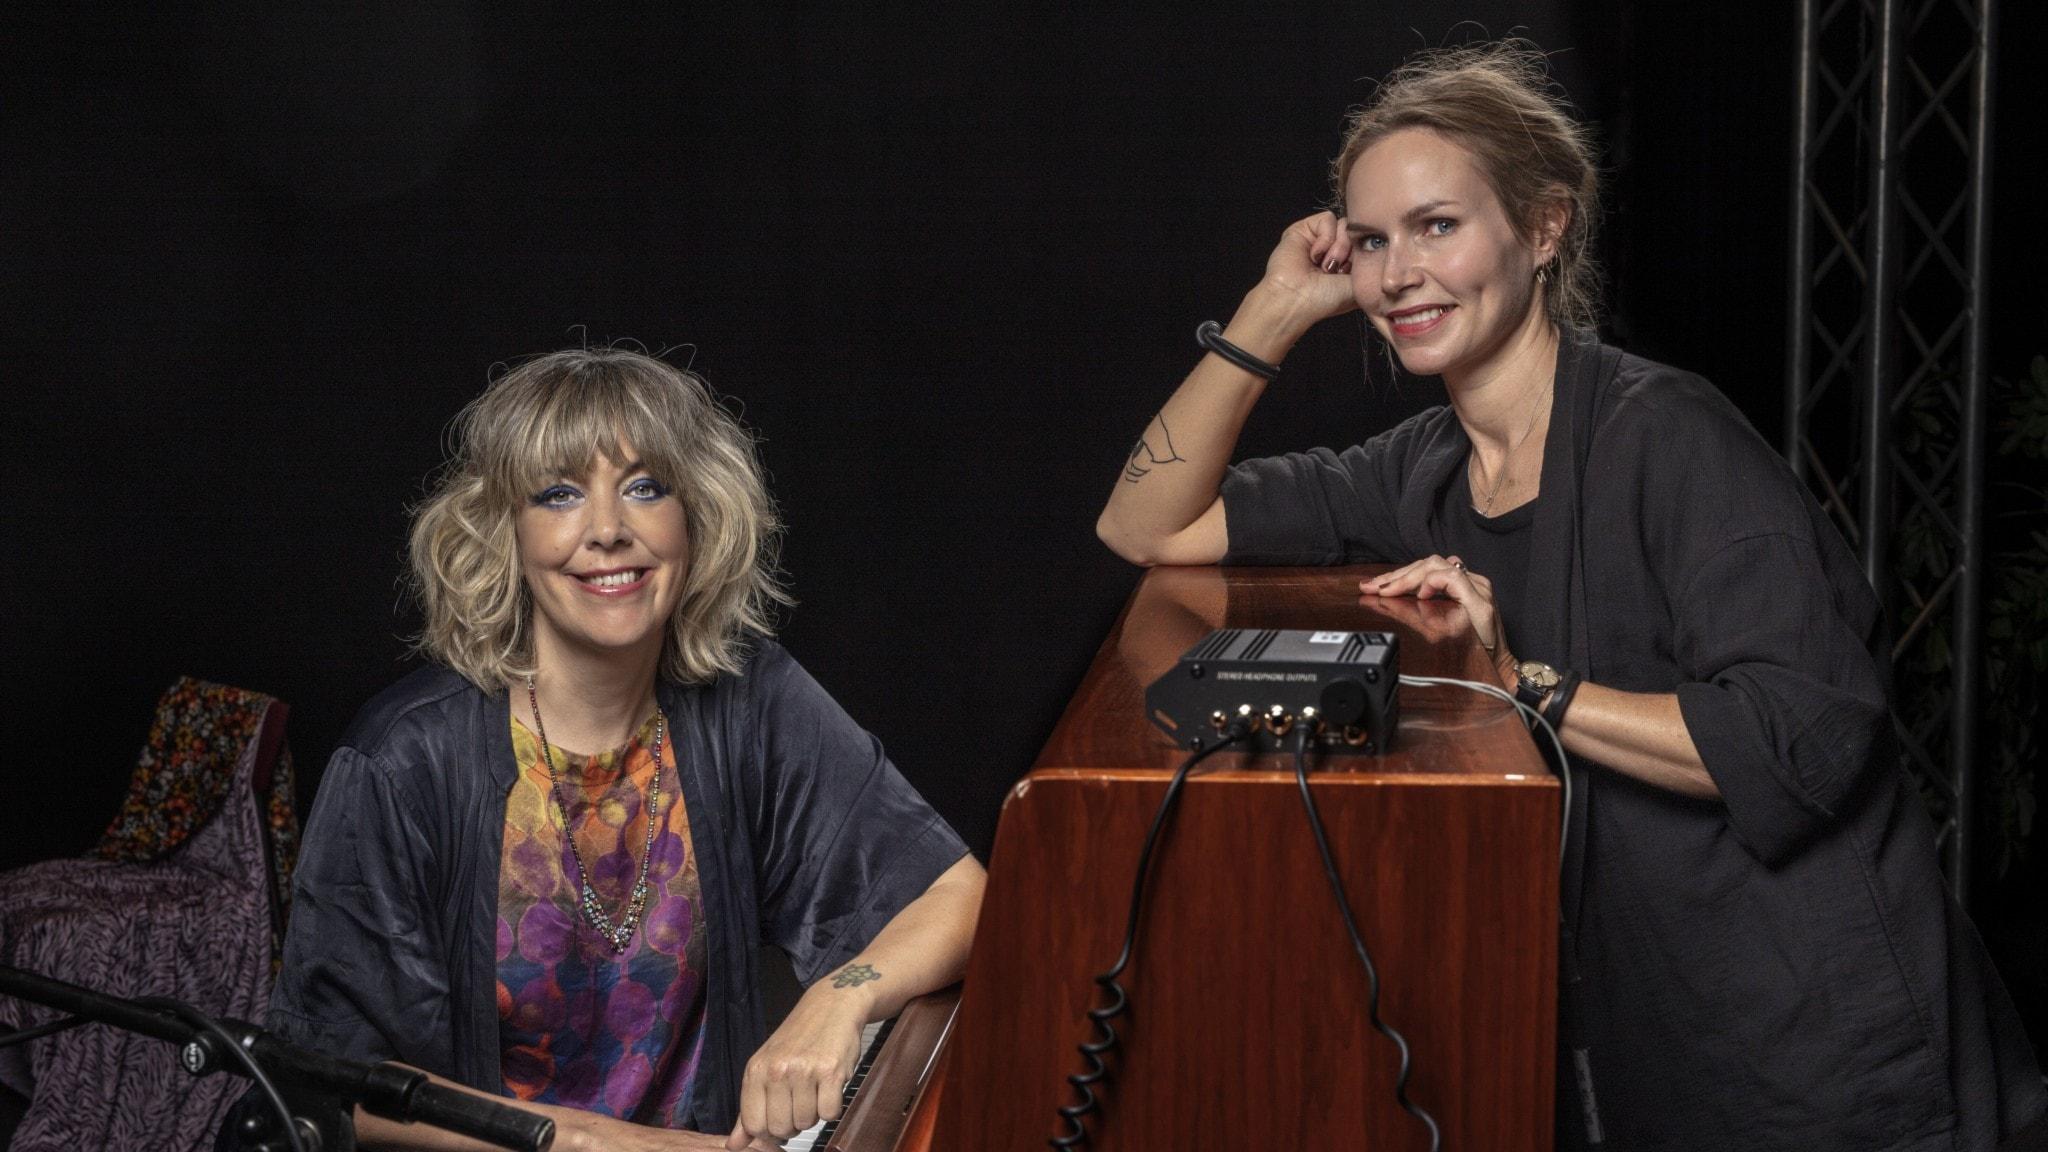 Nina Persson står till höger och lutar sig mot ett brunt piano. Marit Bergman sitter vid pianot.